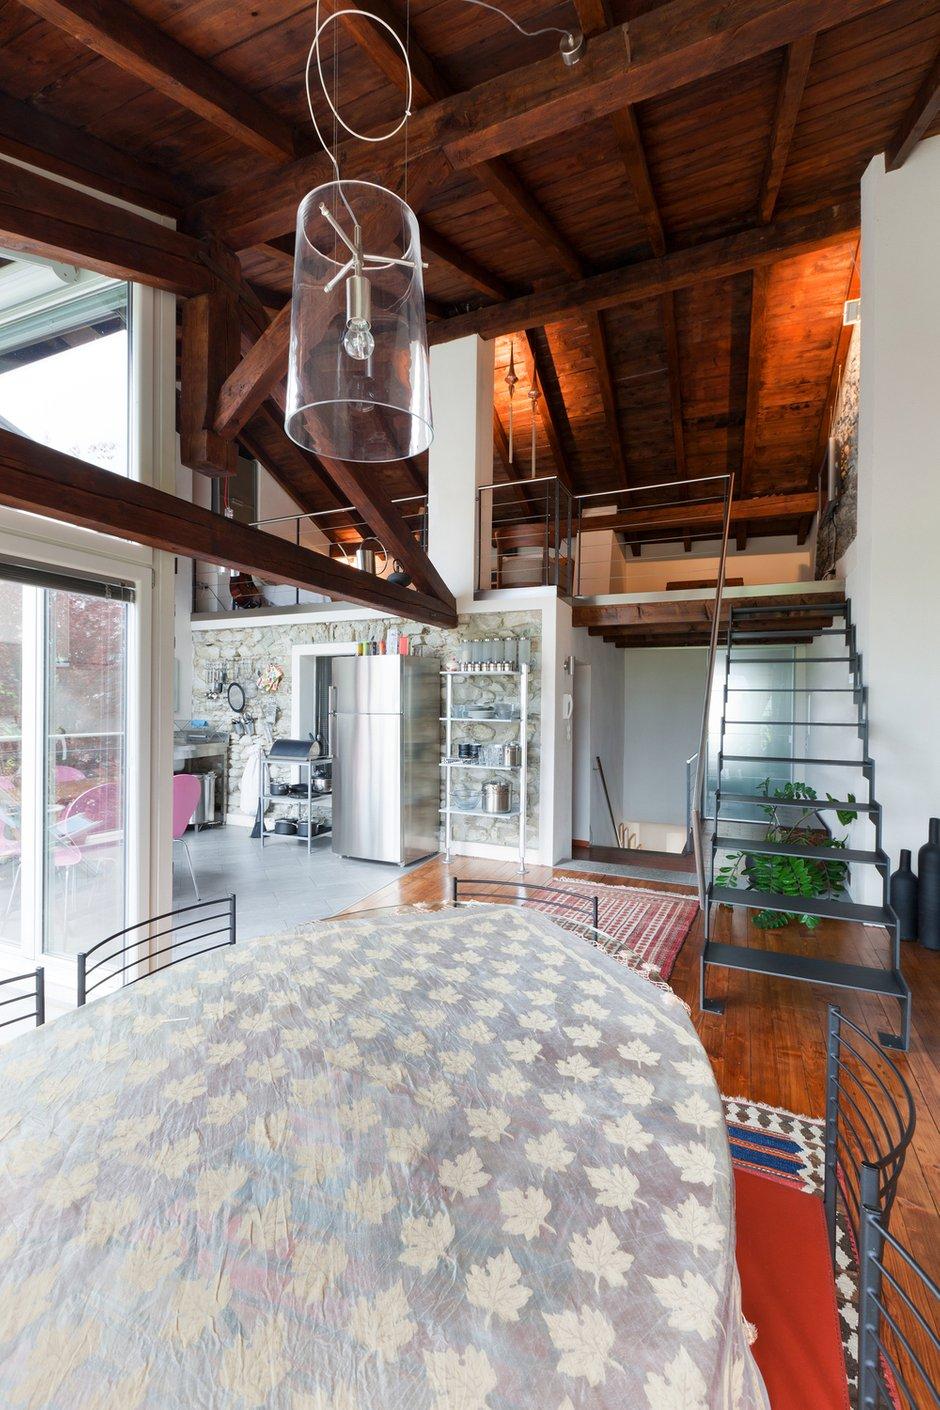 Фотография: Спальня в стиле Прованс и Кантри, Лофт, Современный, Декор интерьера, Квартира, Дома и квартиры, Стена, Индустриальный – фото на INMYROOM